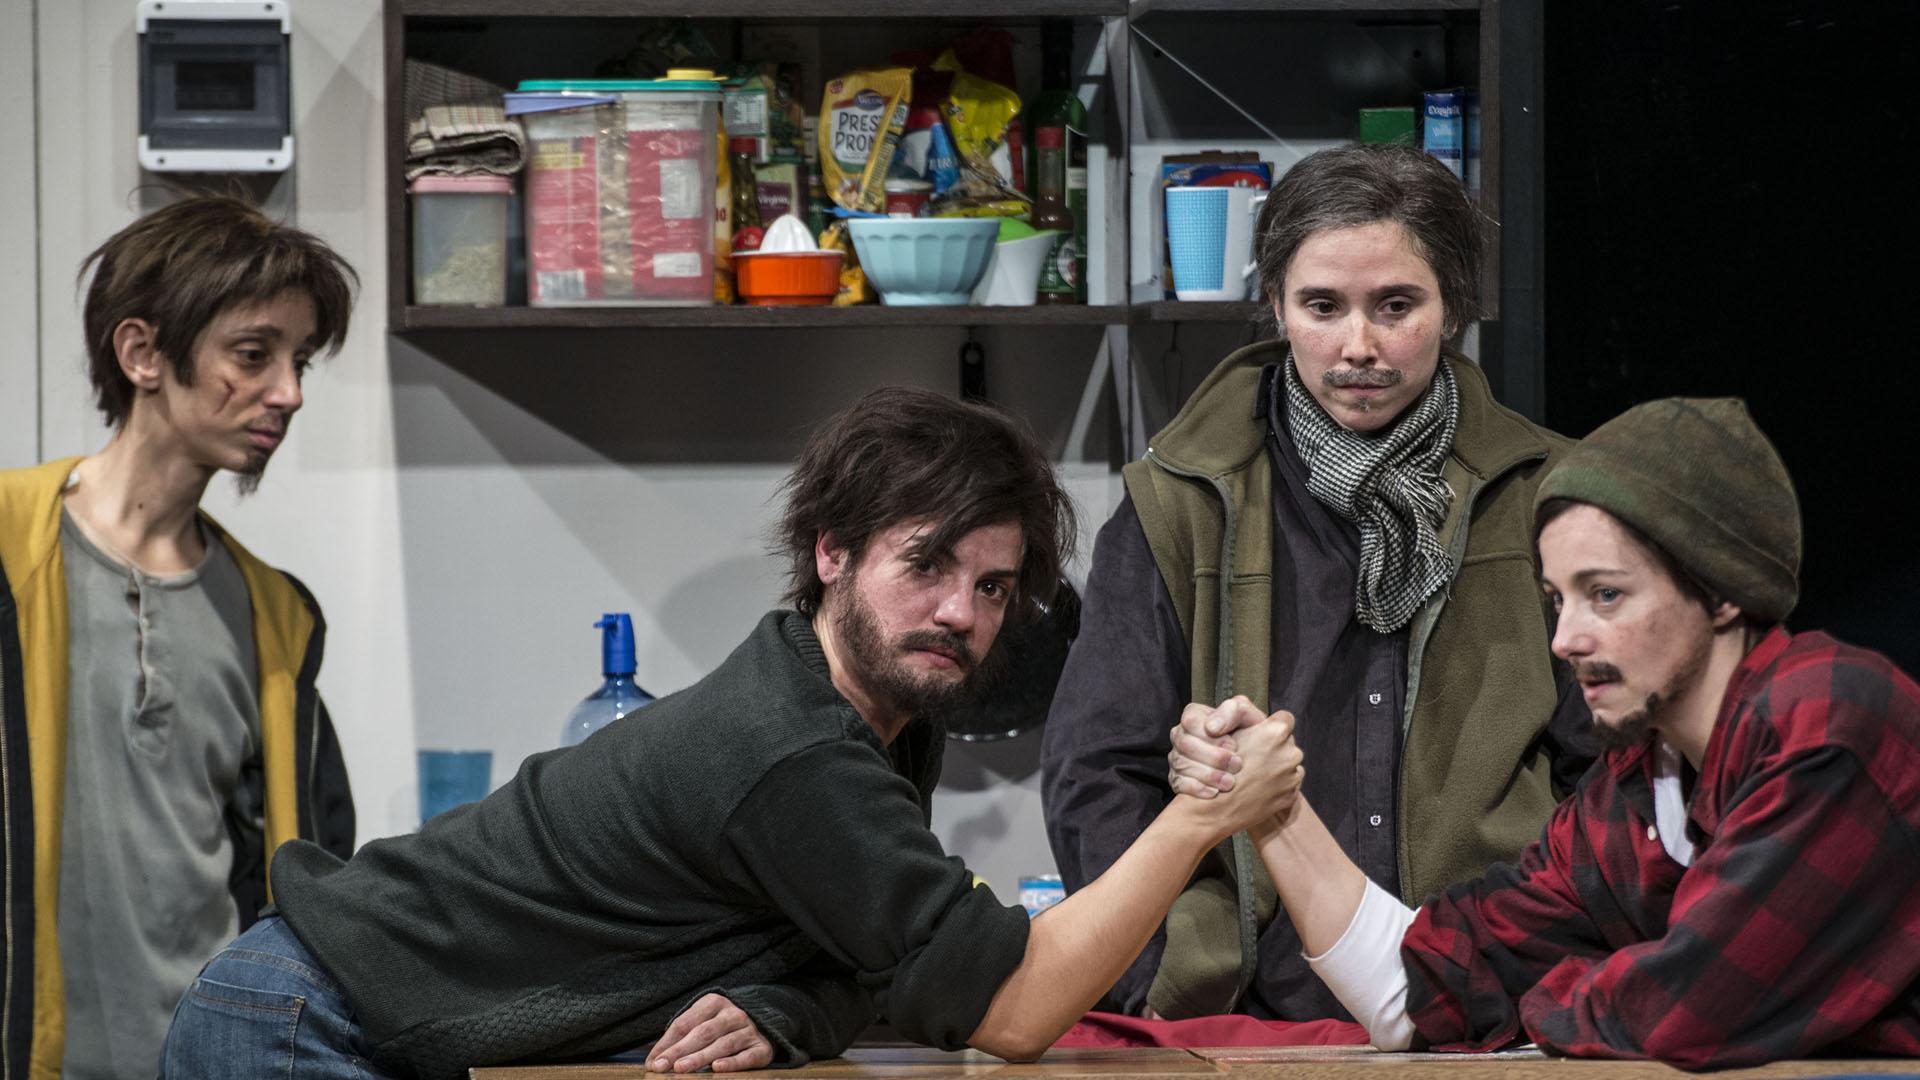 """Petróleo"""": el fenómeno teatral del grupo 'Piel de Lava', que agota entradas  en el San Martín - Infobae"""